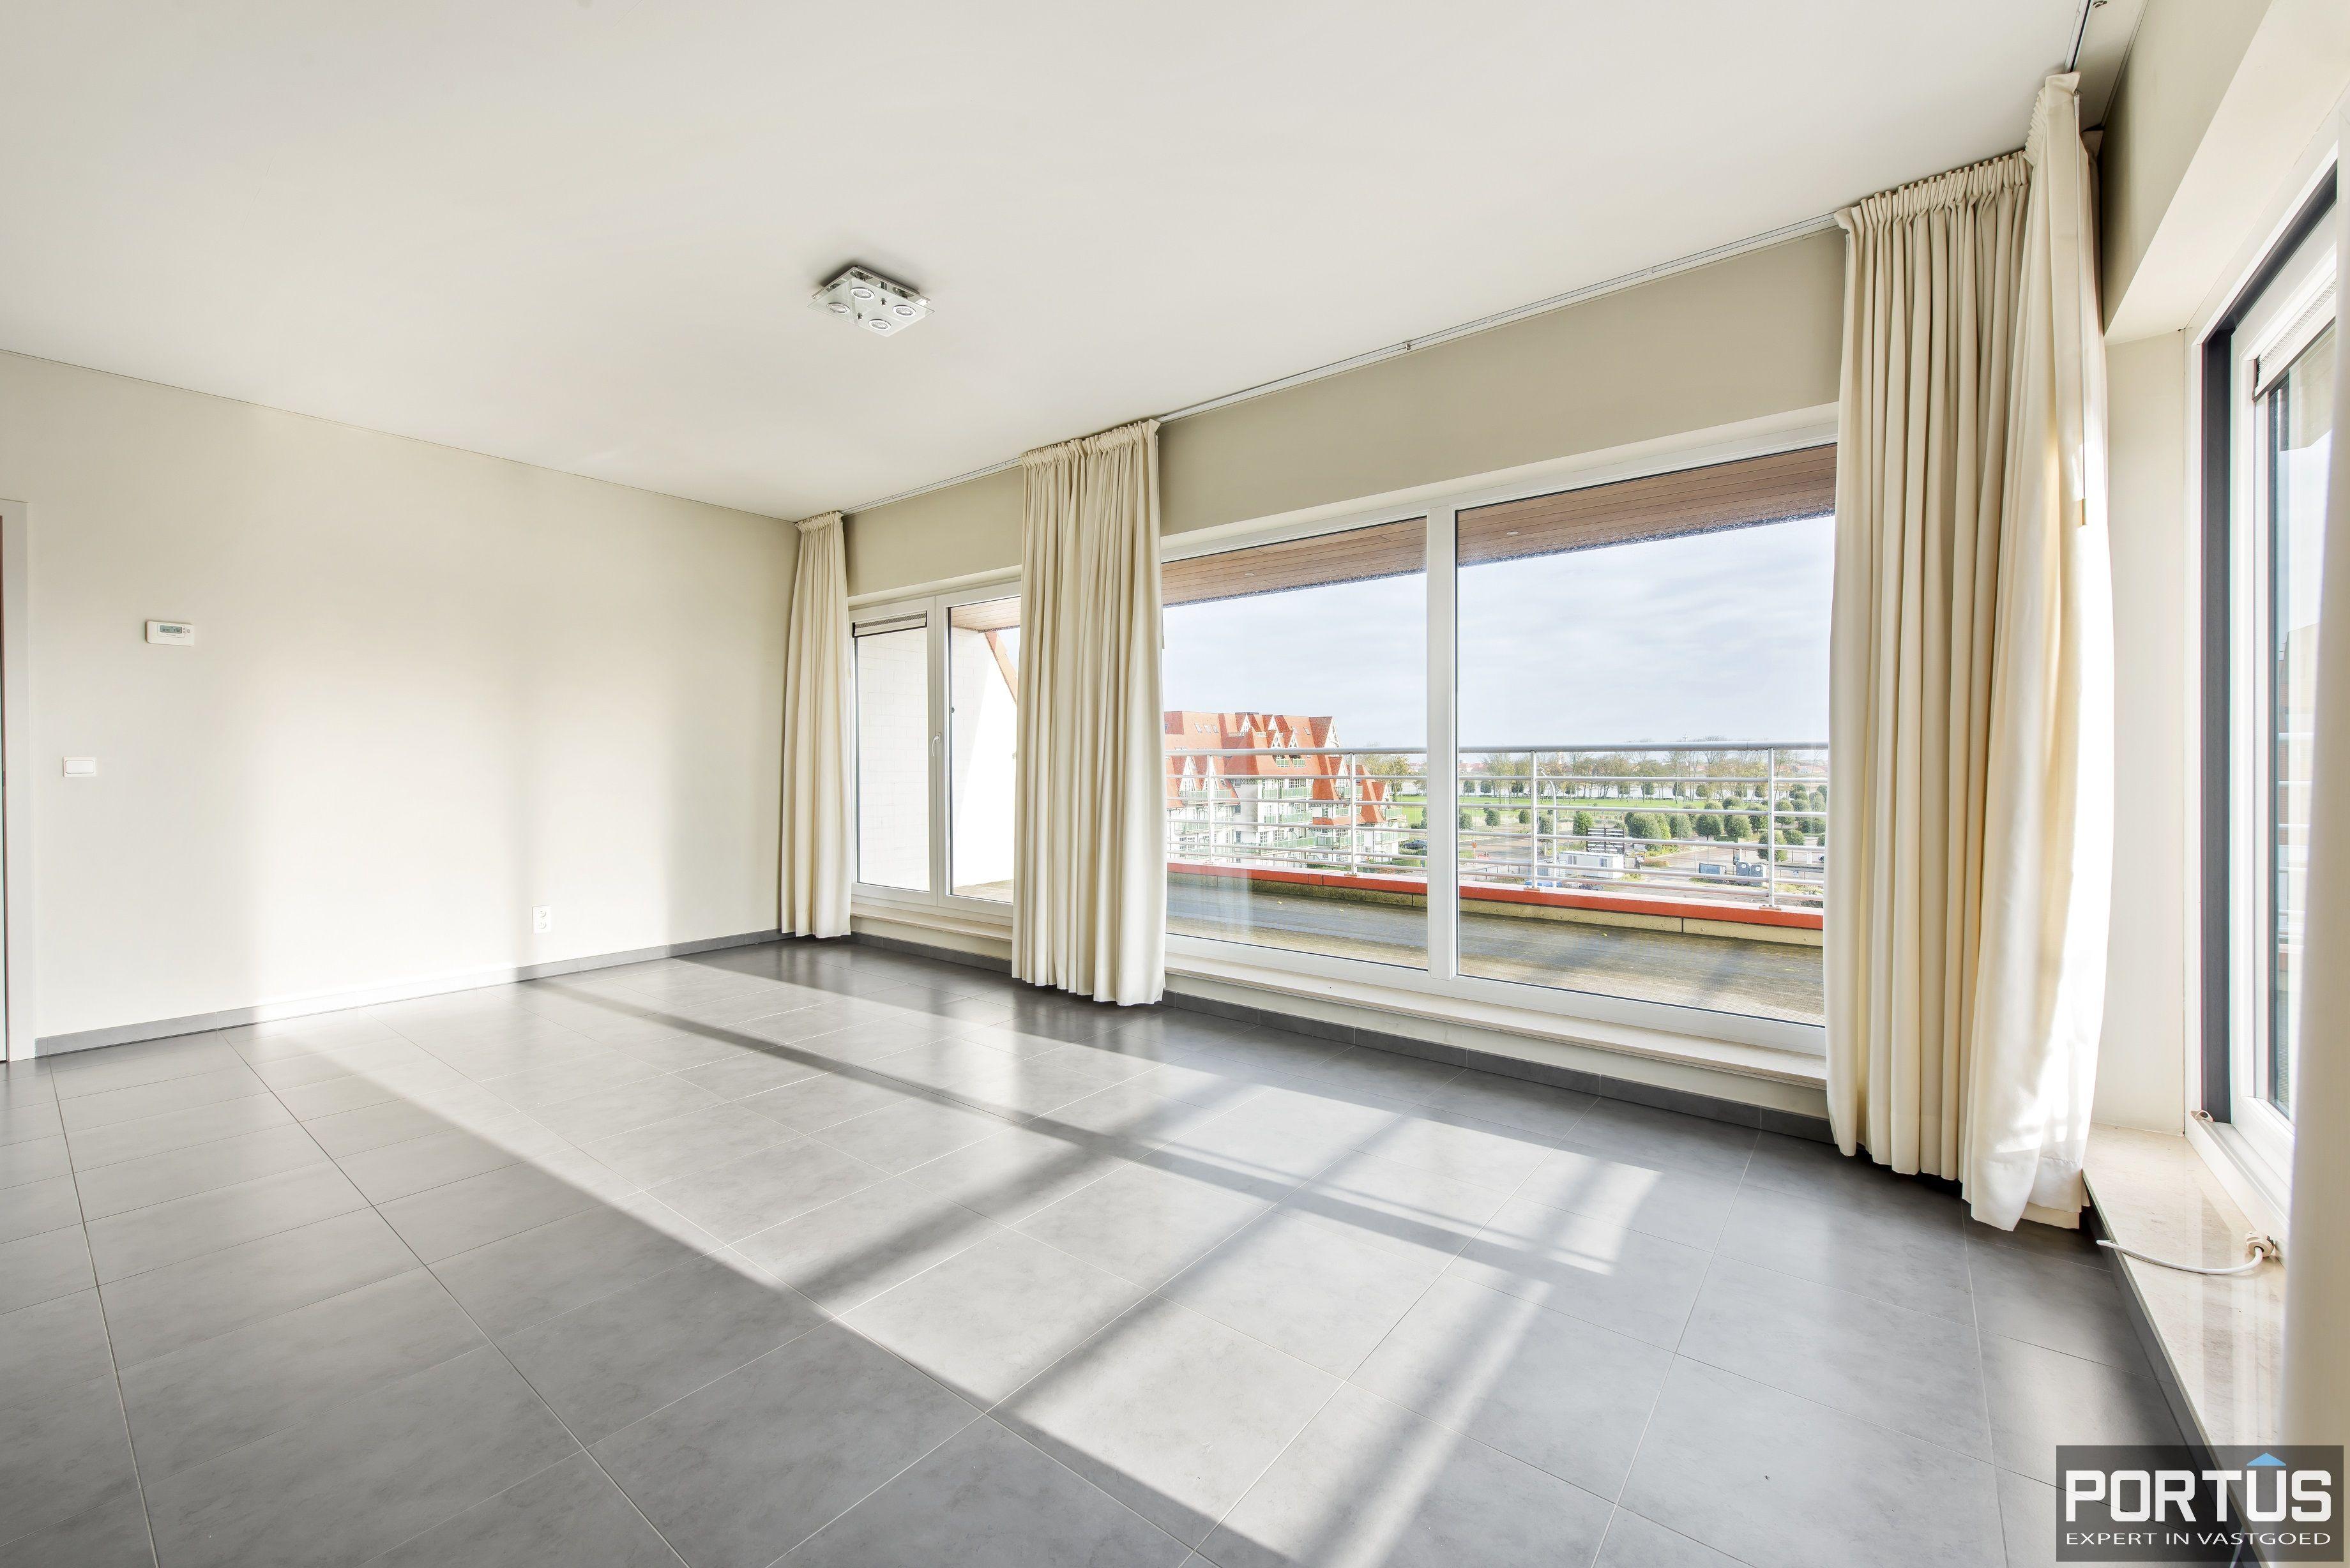 Instapklaar zongericht appartement met 2 slaapkamers te koop in Nieuwpoort - 10016